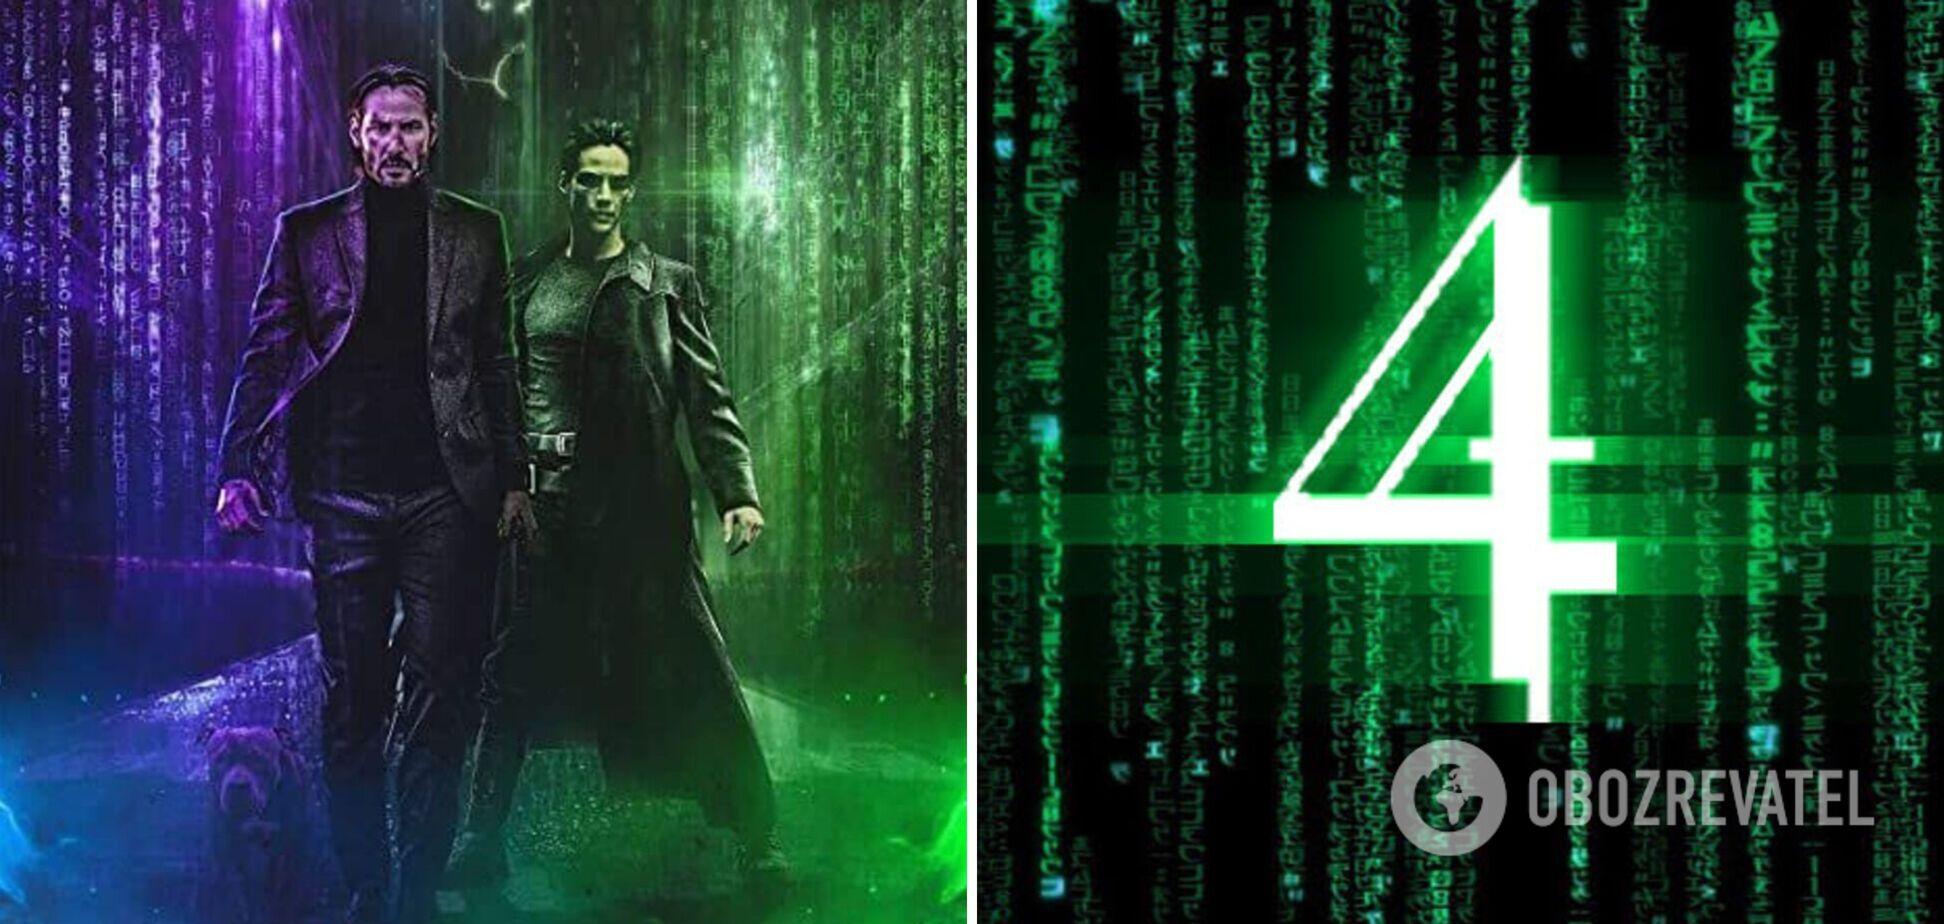 Появился официальный трейлер 'Матрицы-4': когда премьера